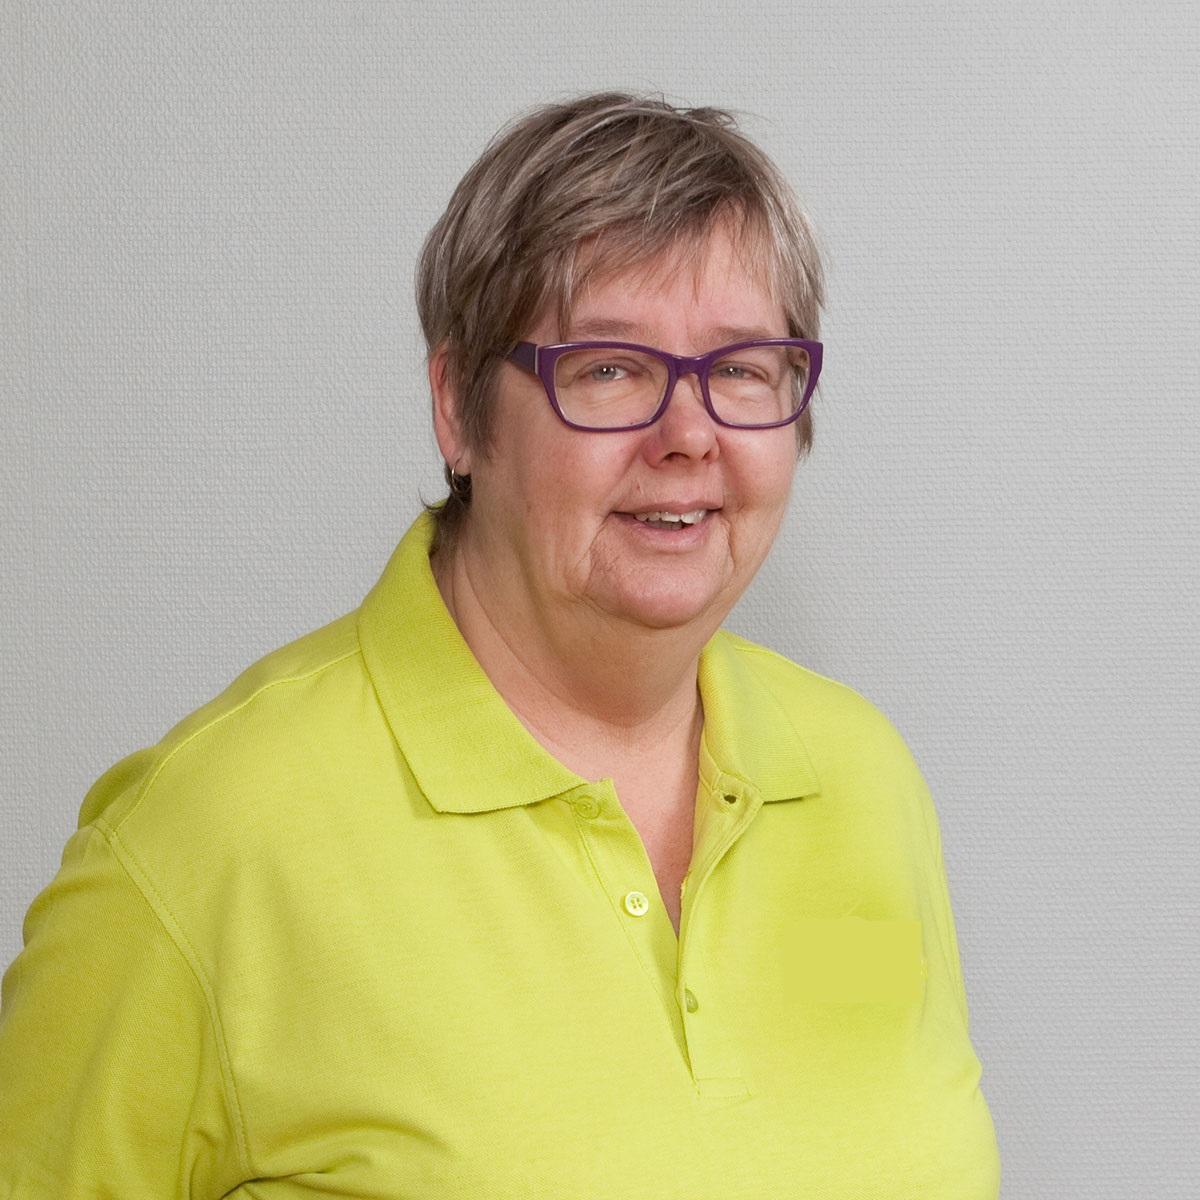 Marie-Louise Nielsen